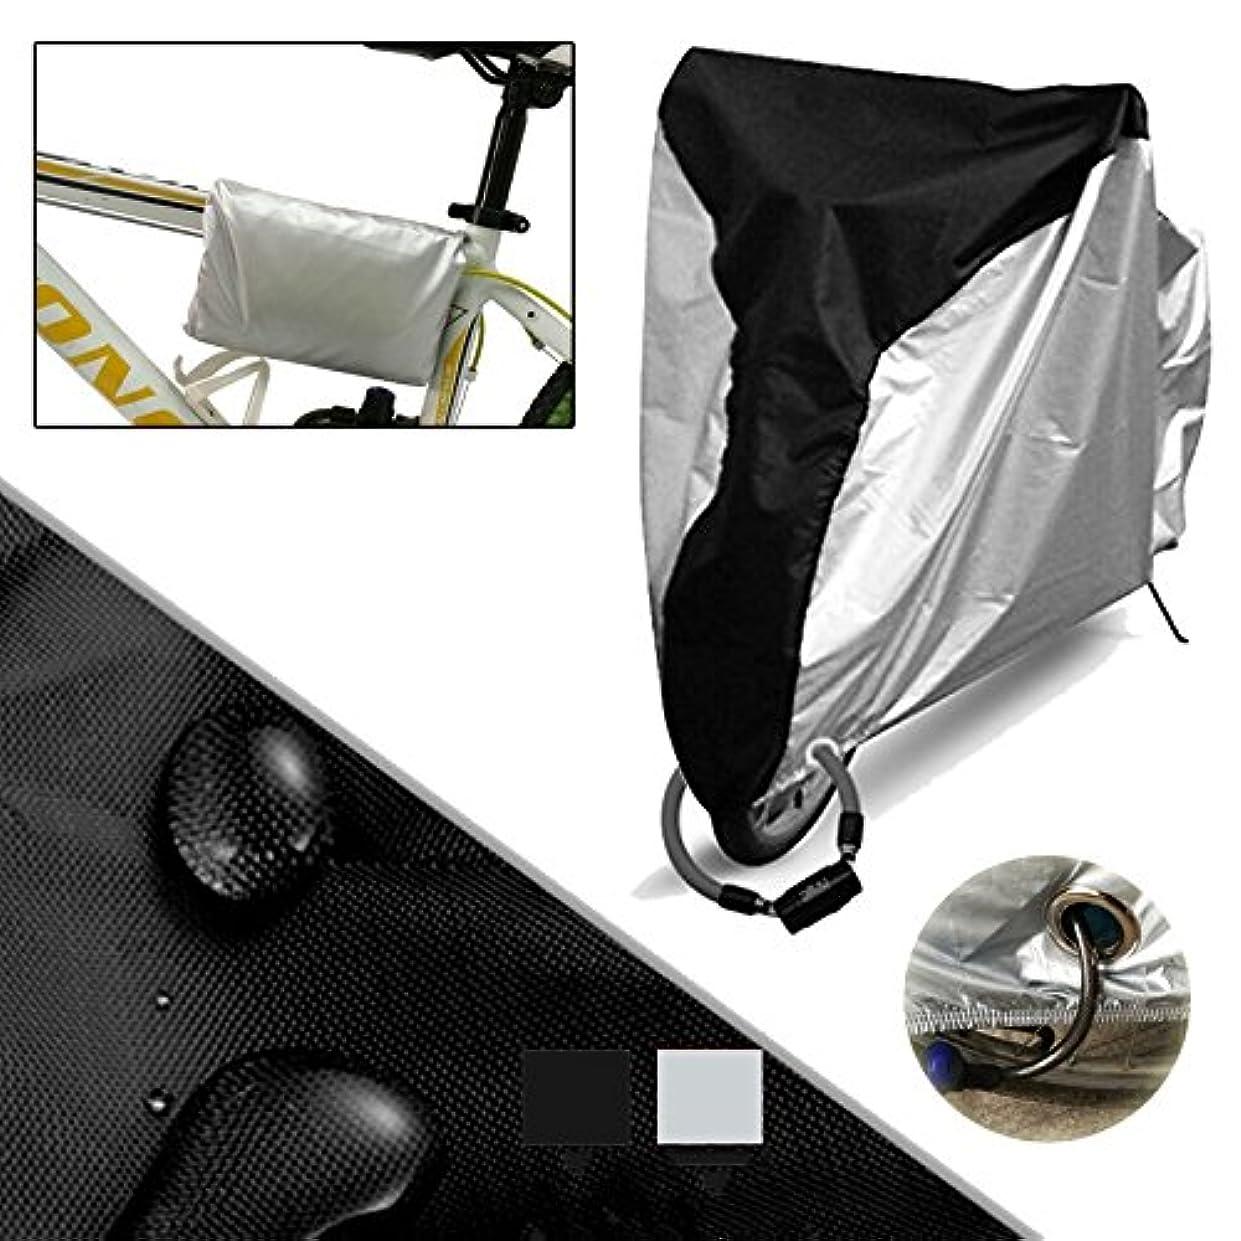 プラスチックタイル同志(小さな幸運)自転車カバー マウンテンバイク オックス製 防水 厚手 破れにくい 防犯 防風 収納袋付き サイズ調節可能 UVカット 29インチまで対応